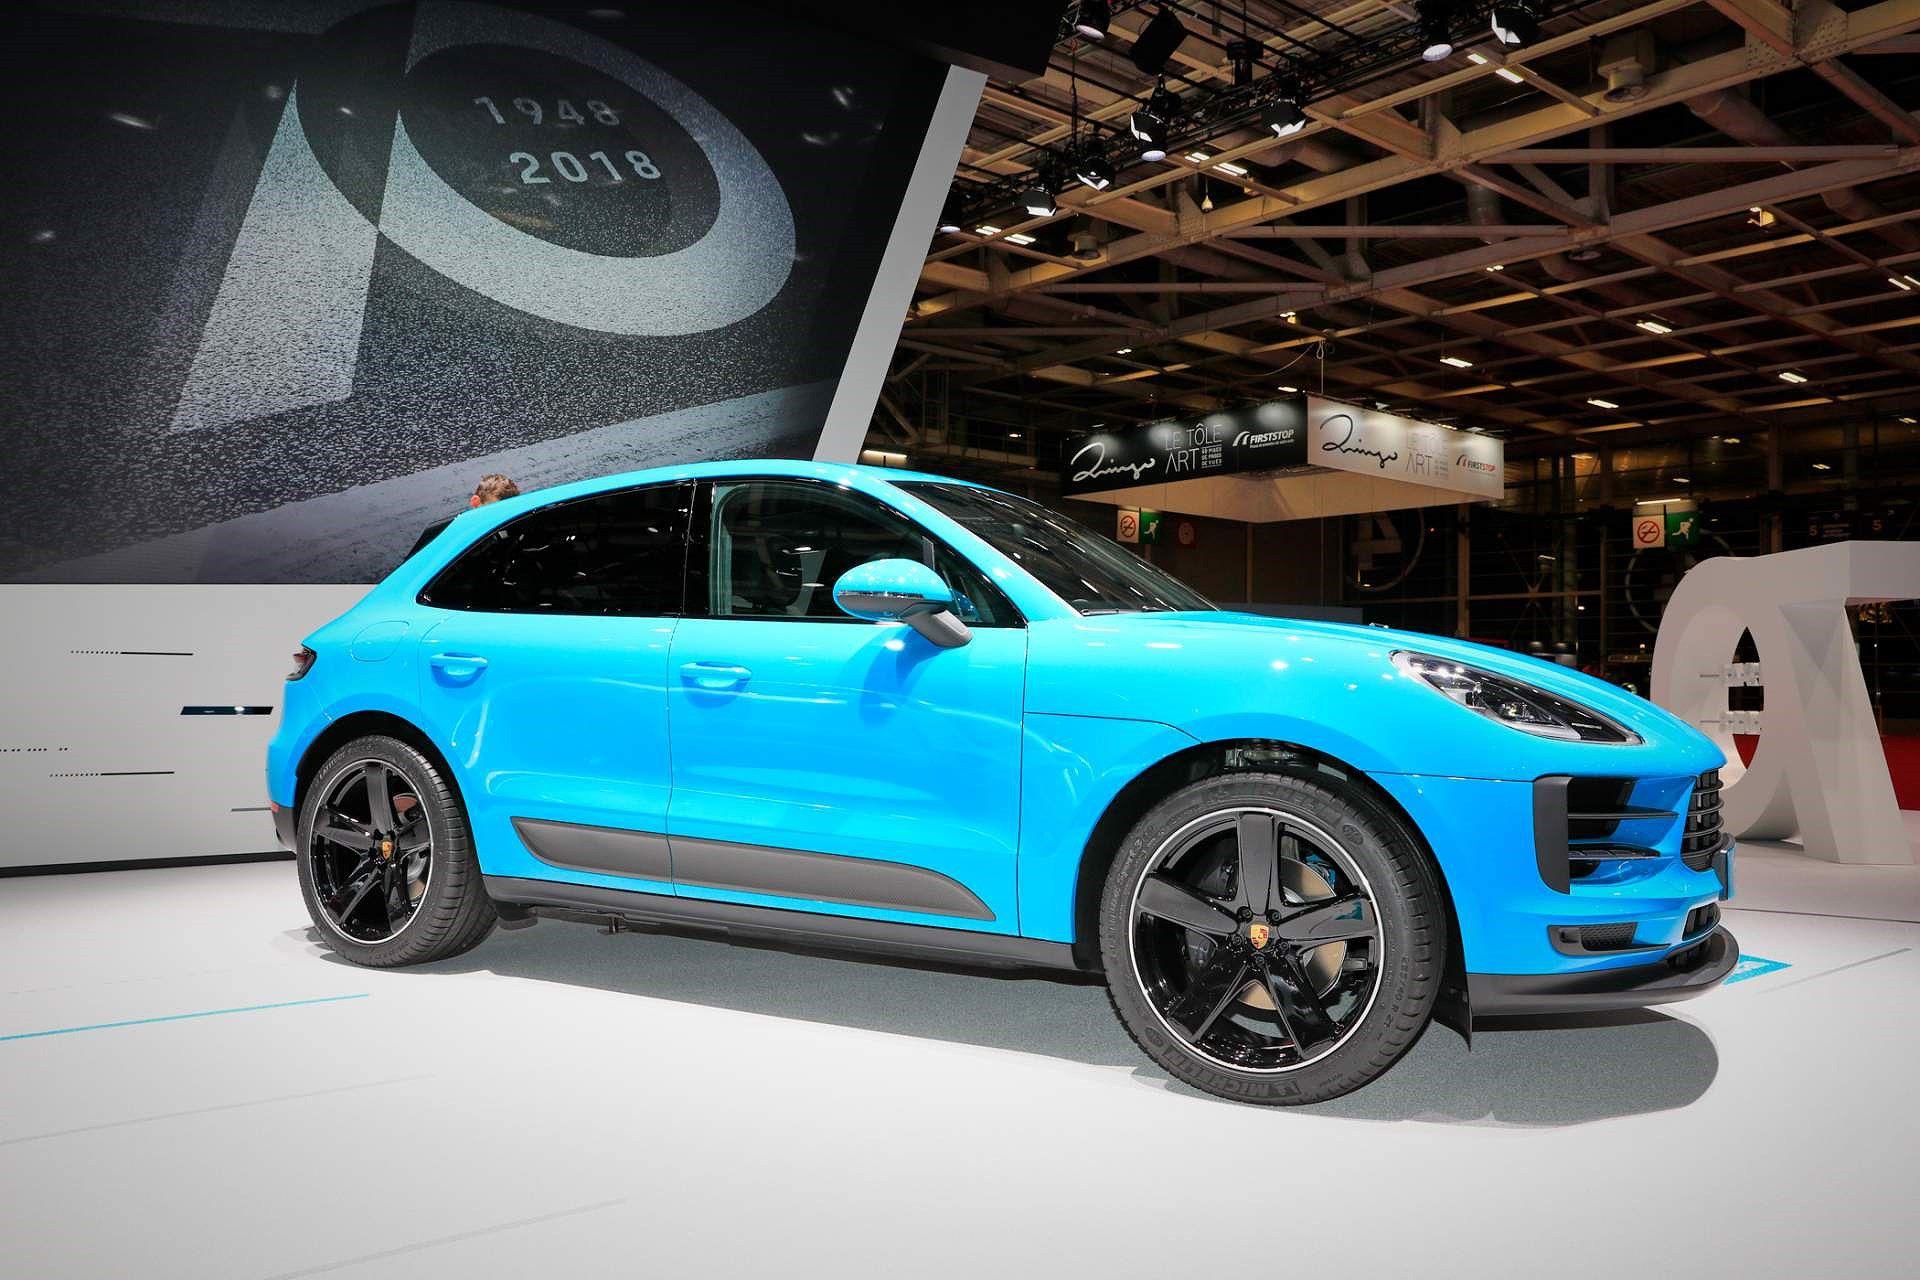 Porsche Macan ra mắt châu Âu với động cơ 242 mã lực Ảnh 1